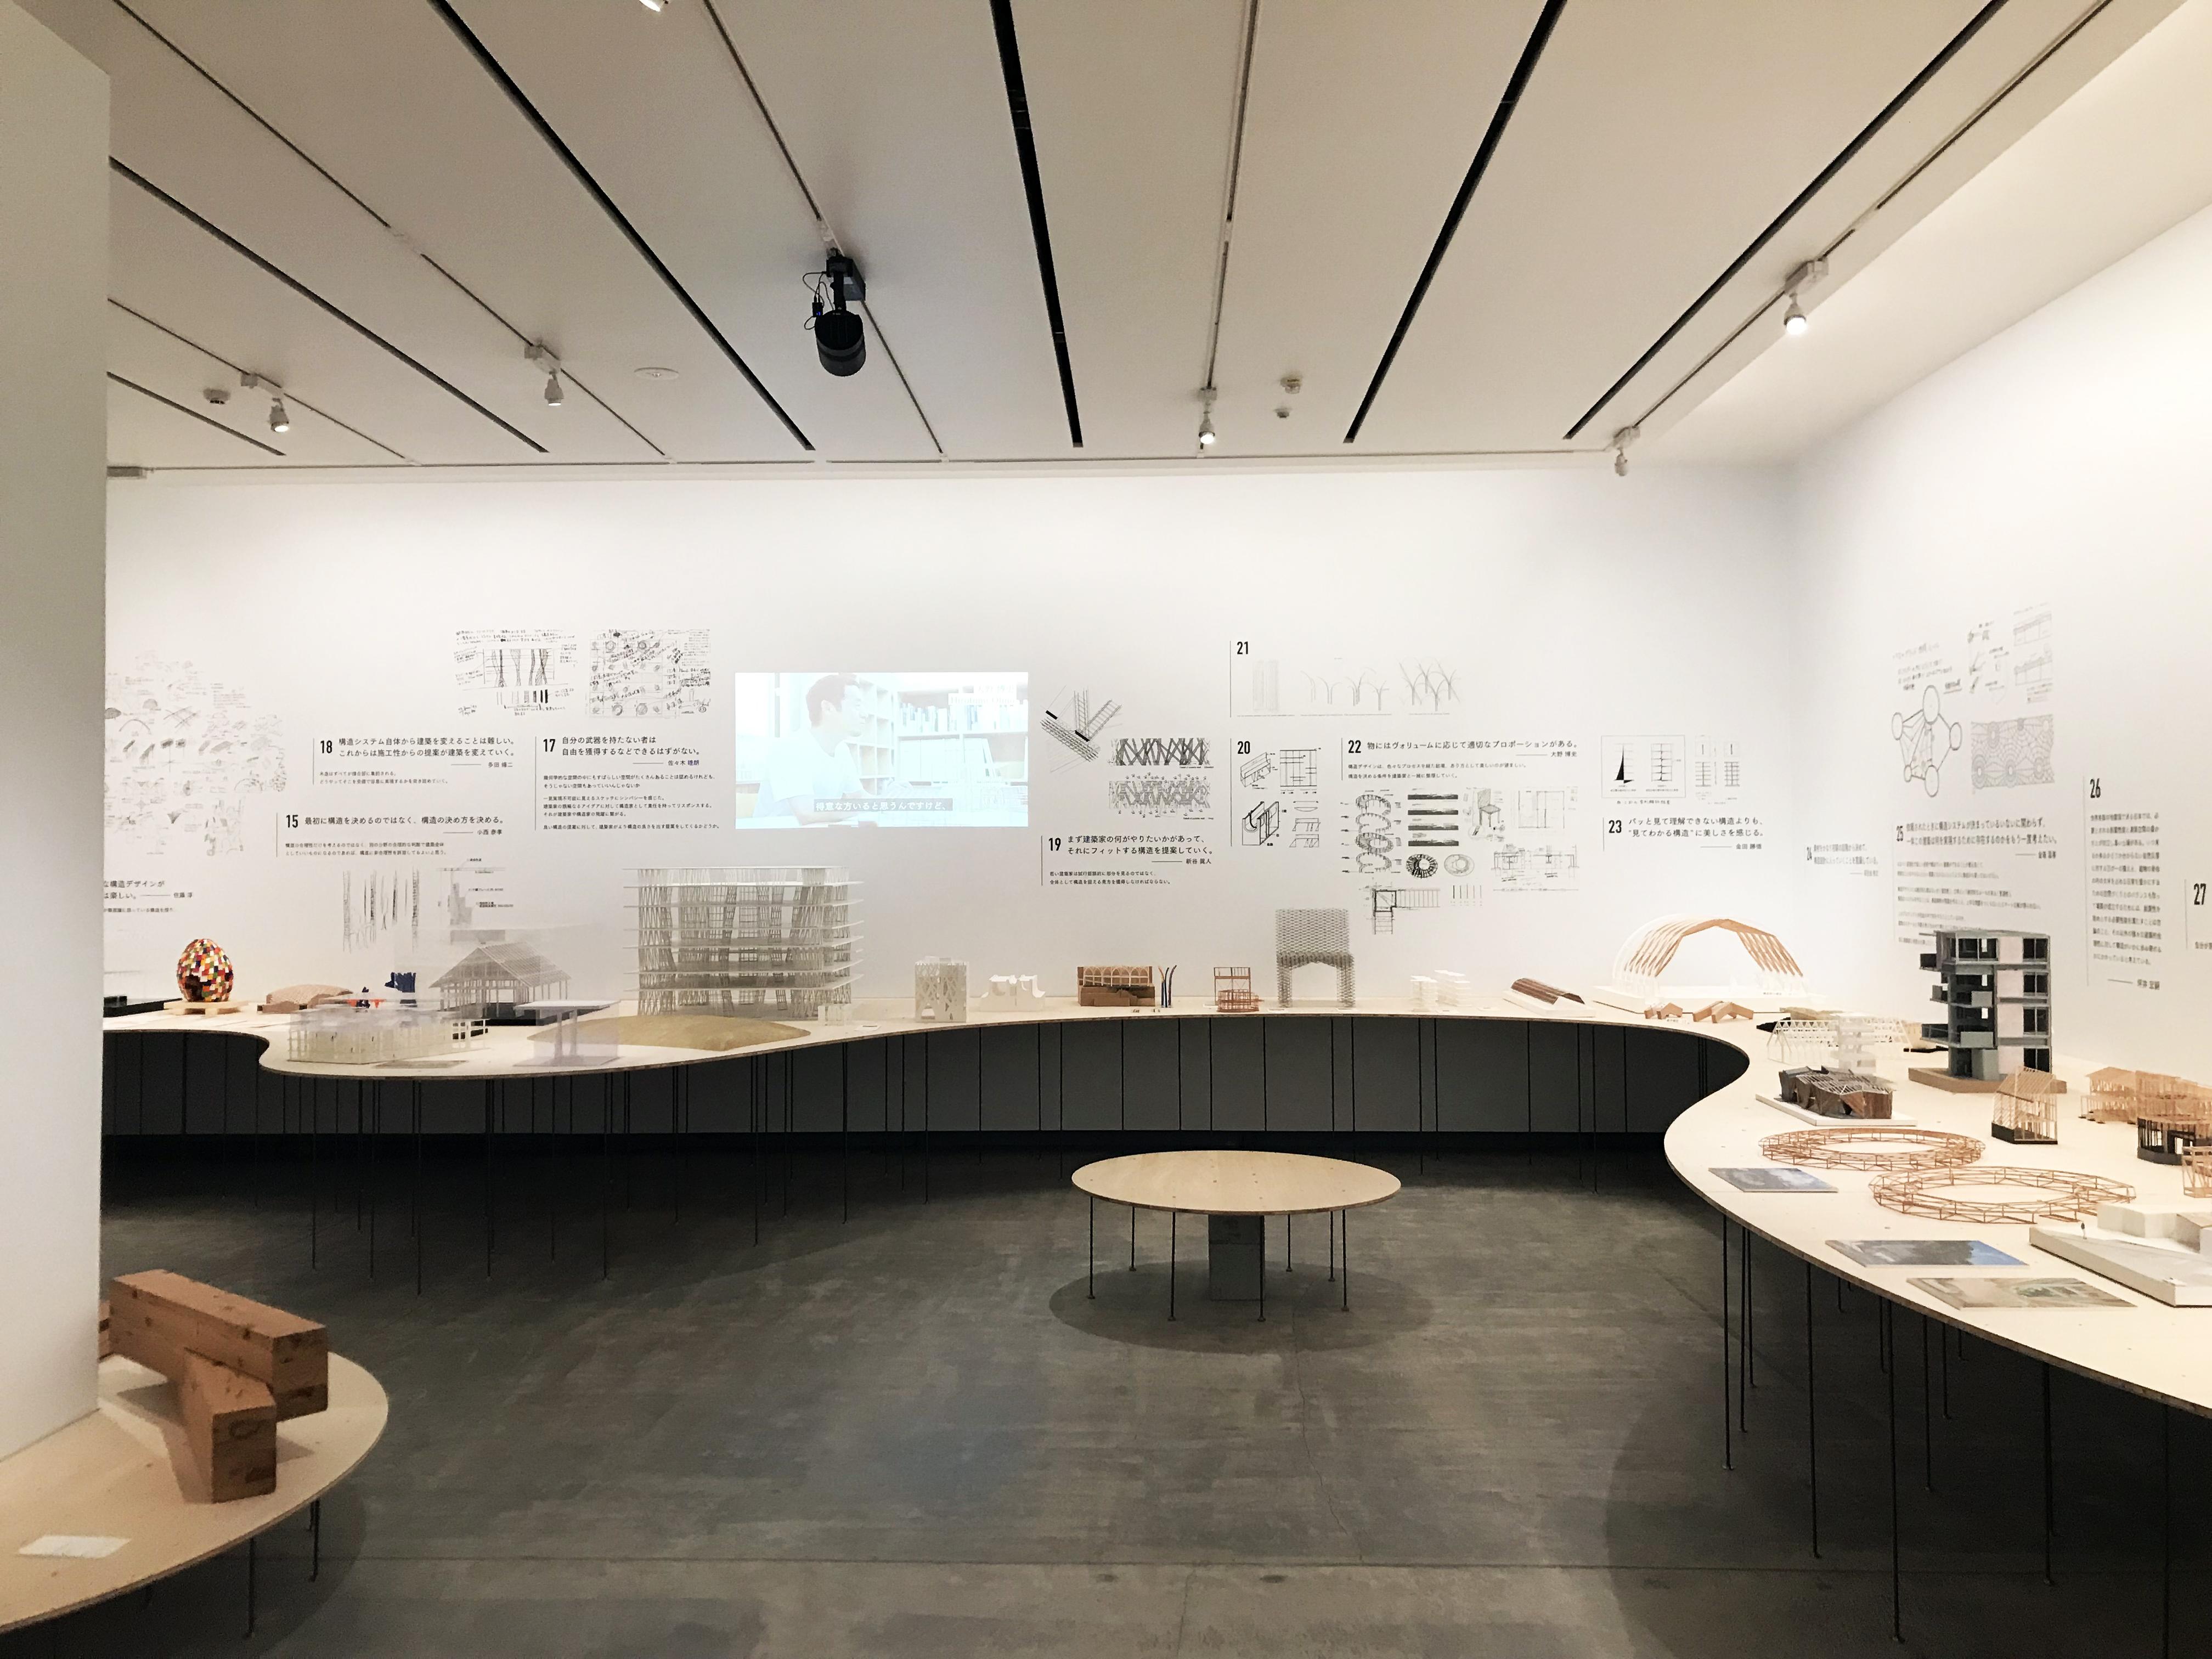 構造展 会場設計